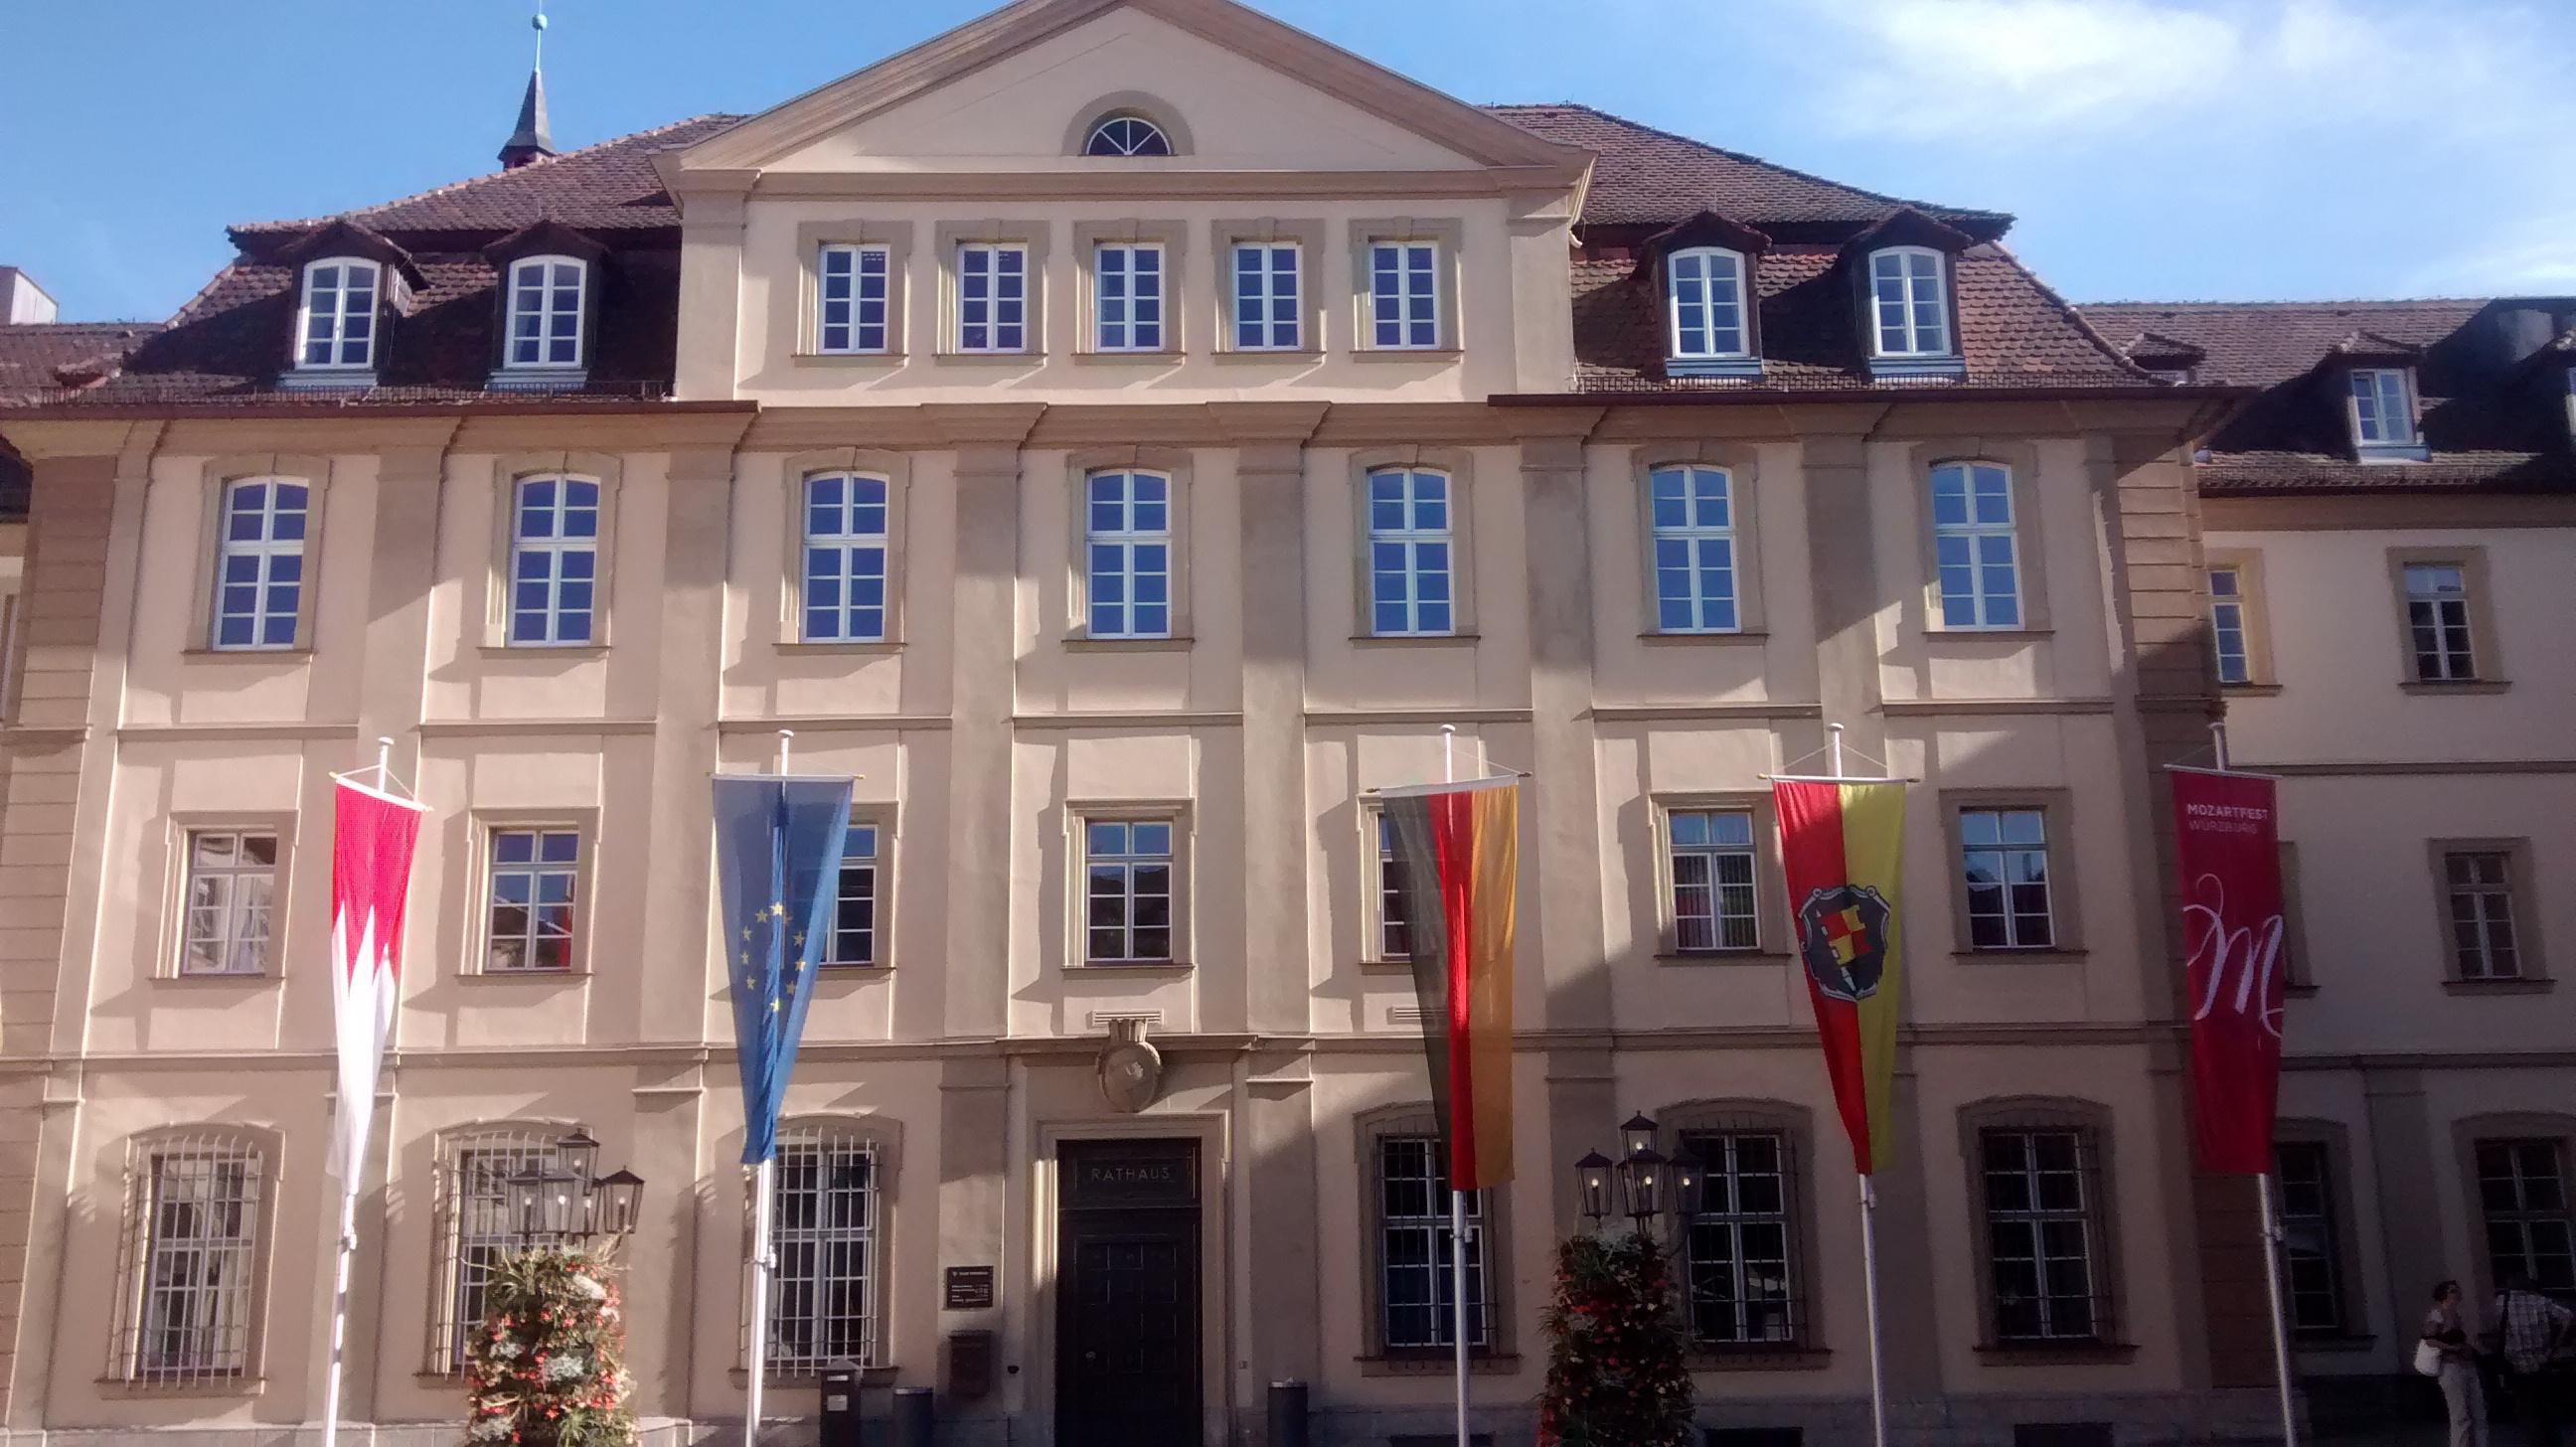 Das Würzburger Rathaus an einem Sommertag